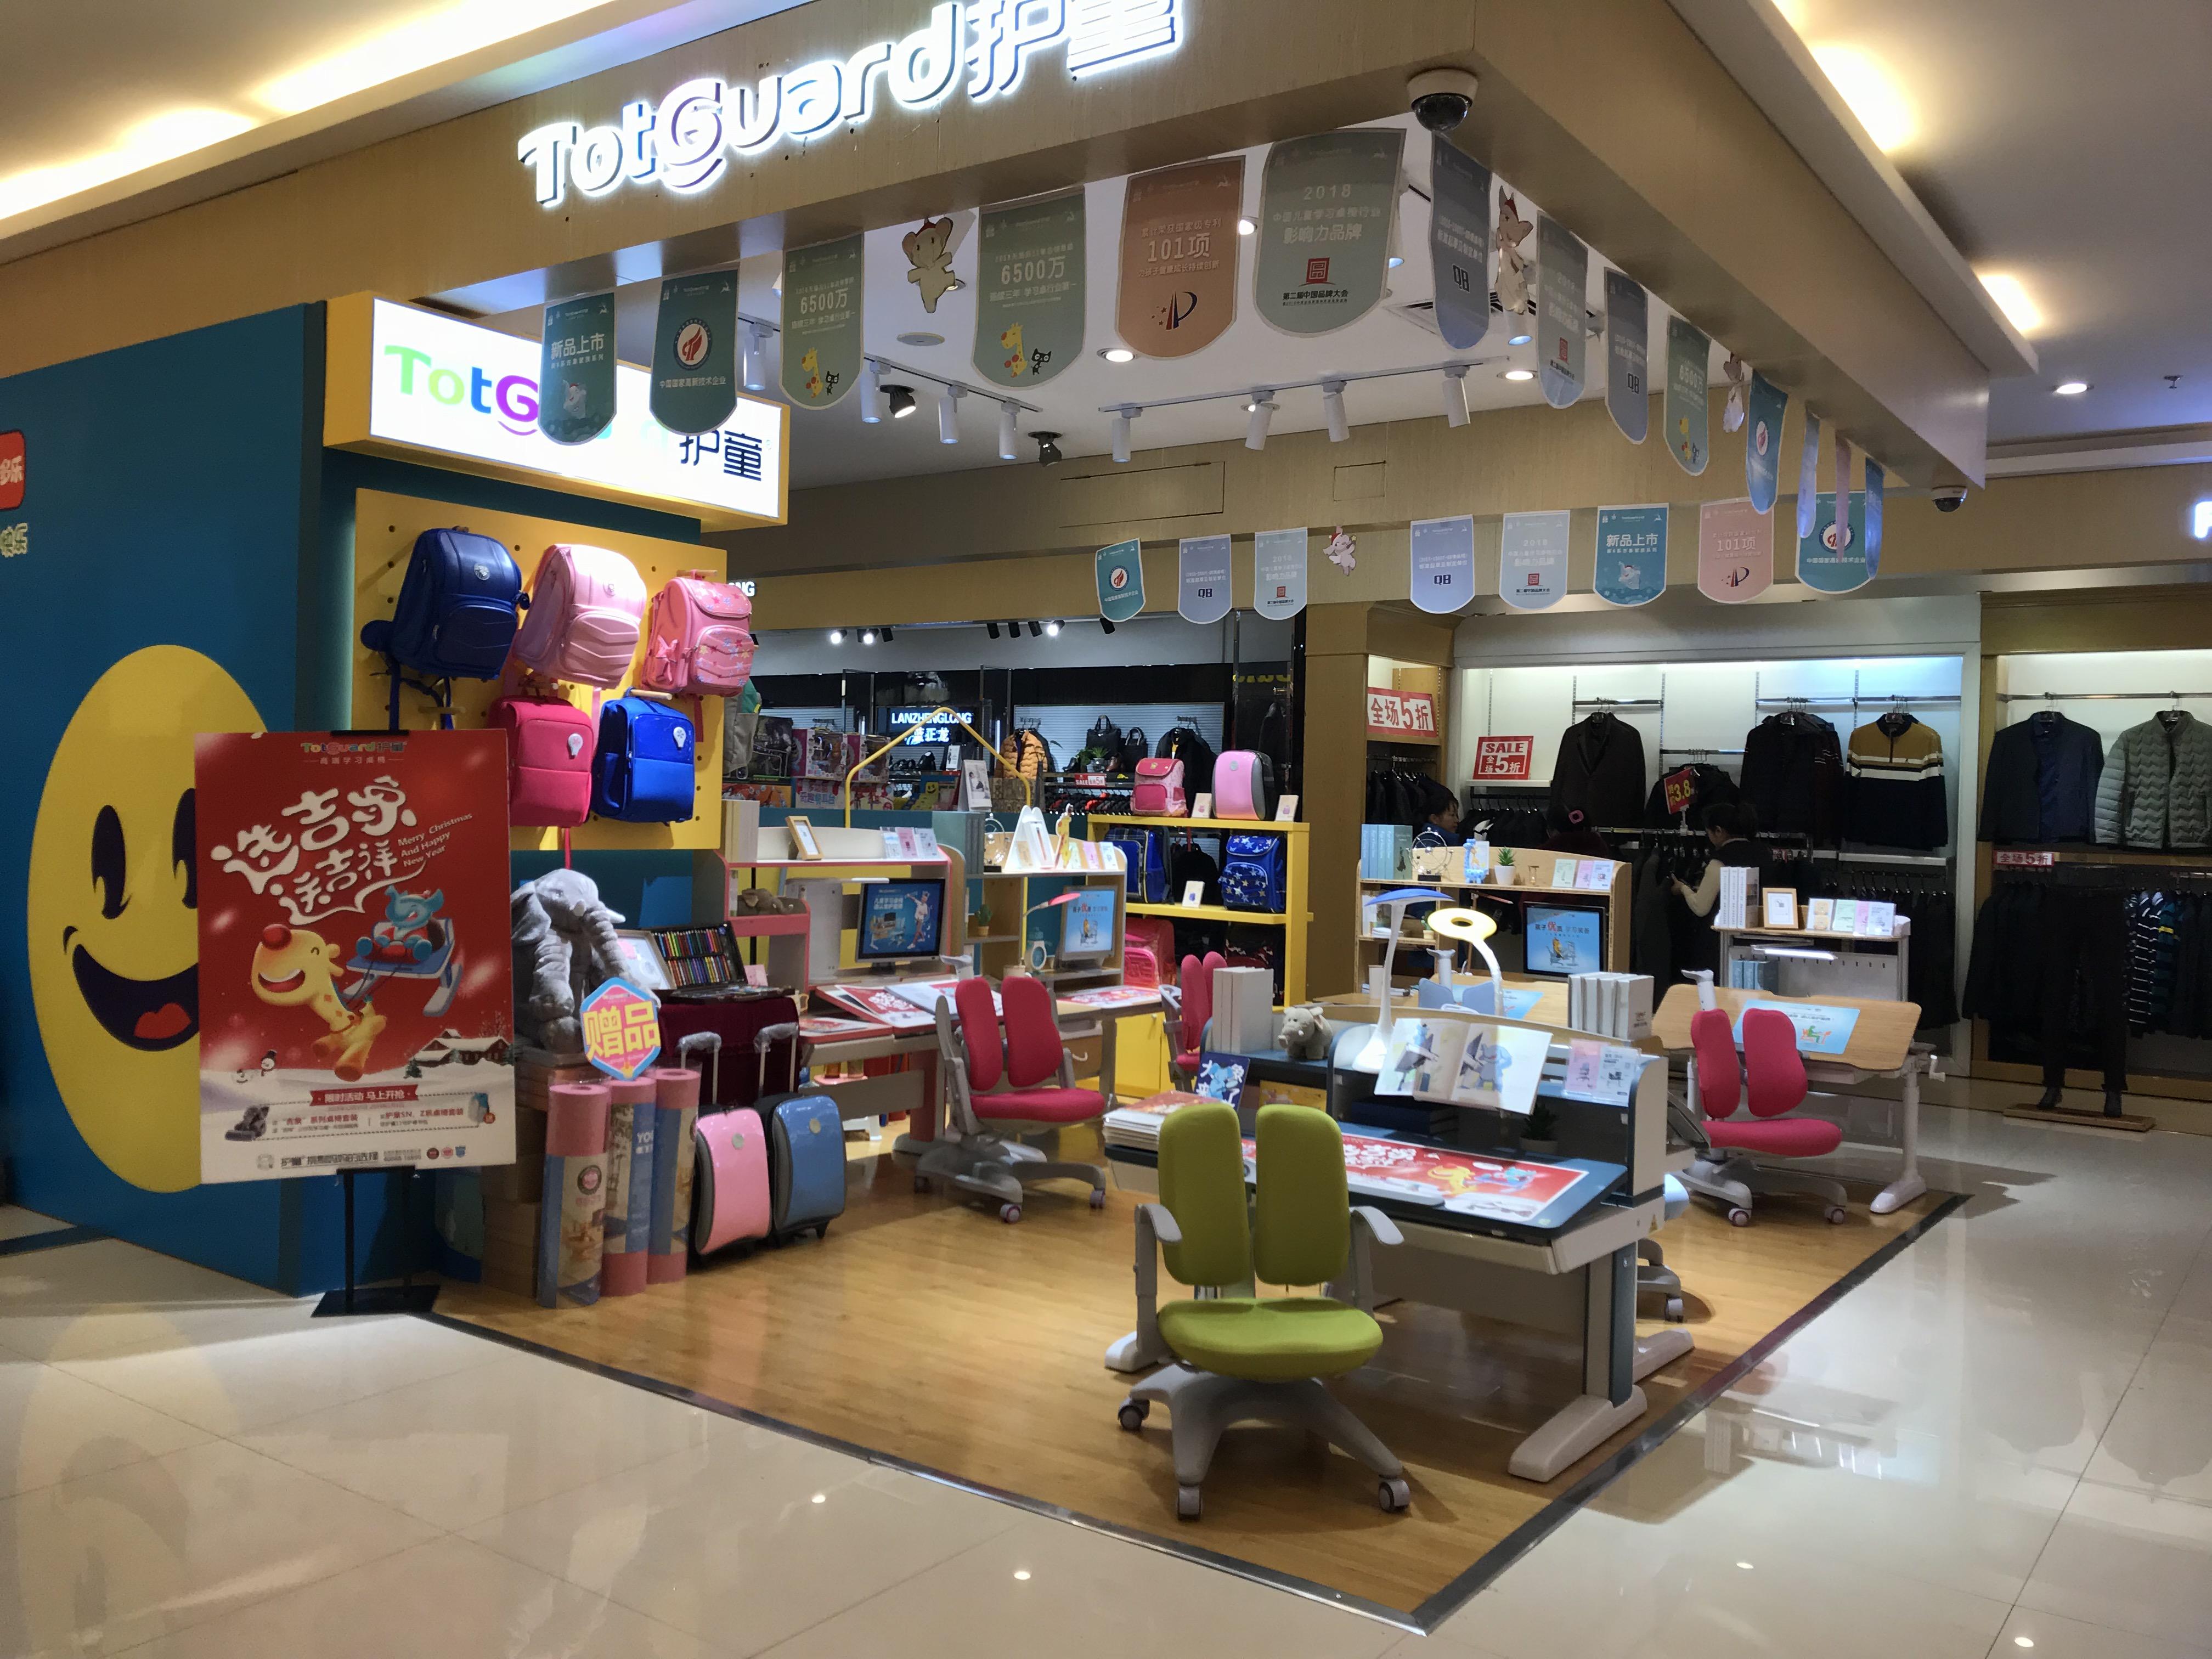 热烈祝贺护童第1574家广州嘉裕太阳城广场护童专柜盛大开业!